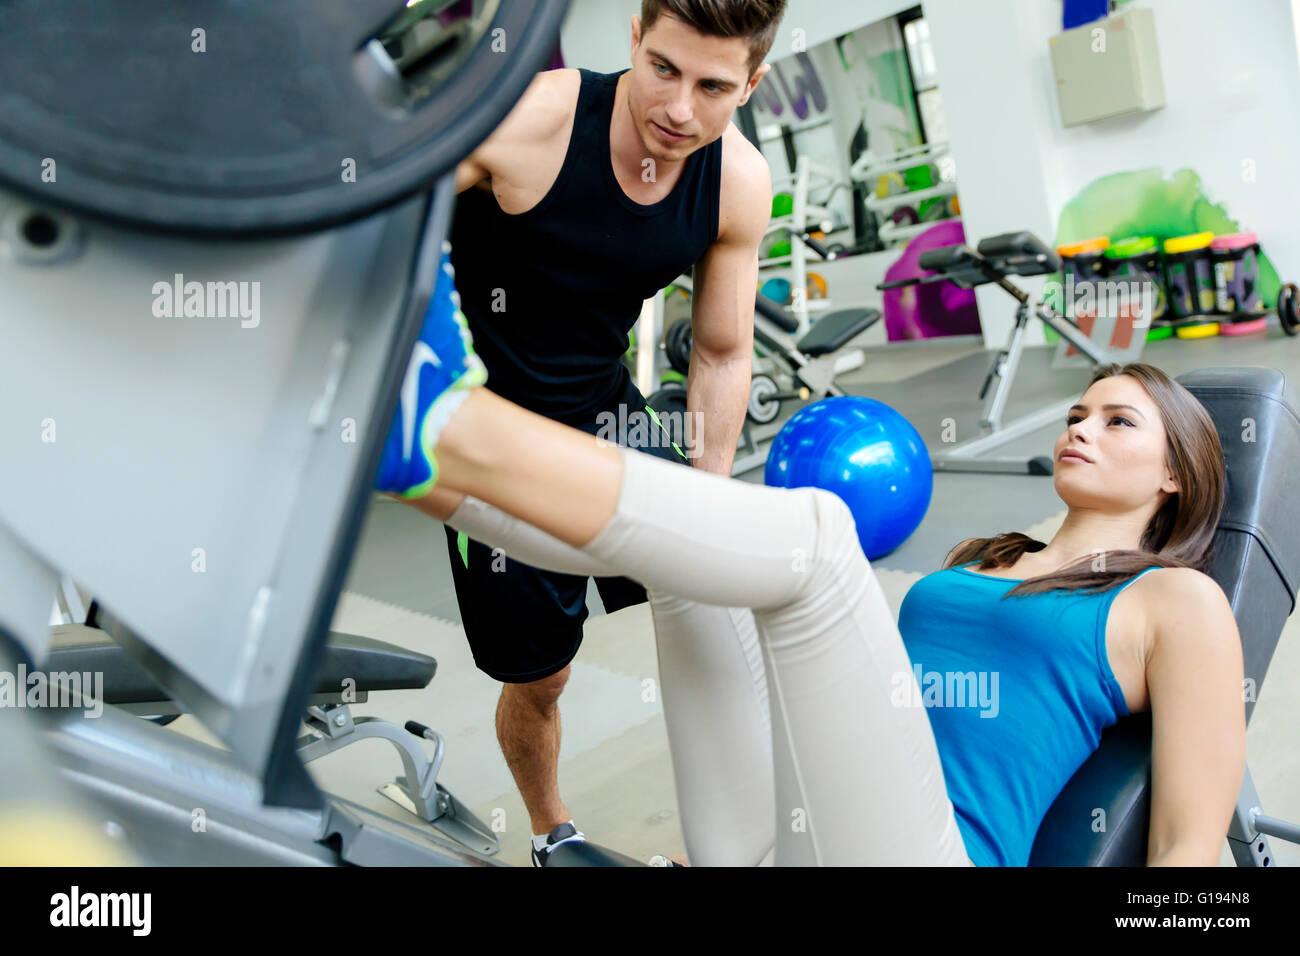 Bella donna gamba facendo esercizi in palestra con l'aiuto di personal trainer Immagini Stock